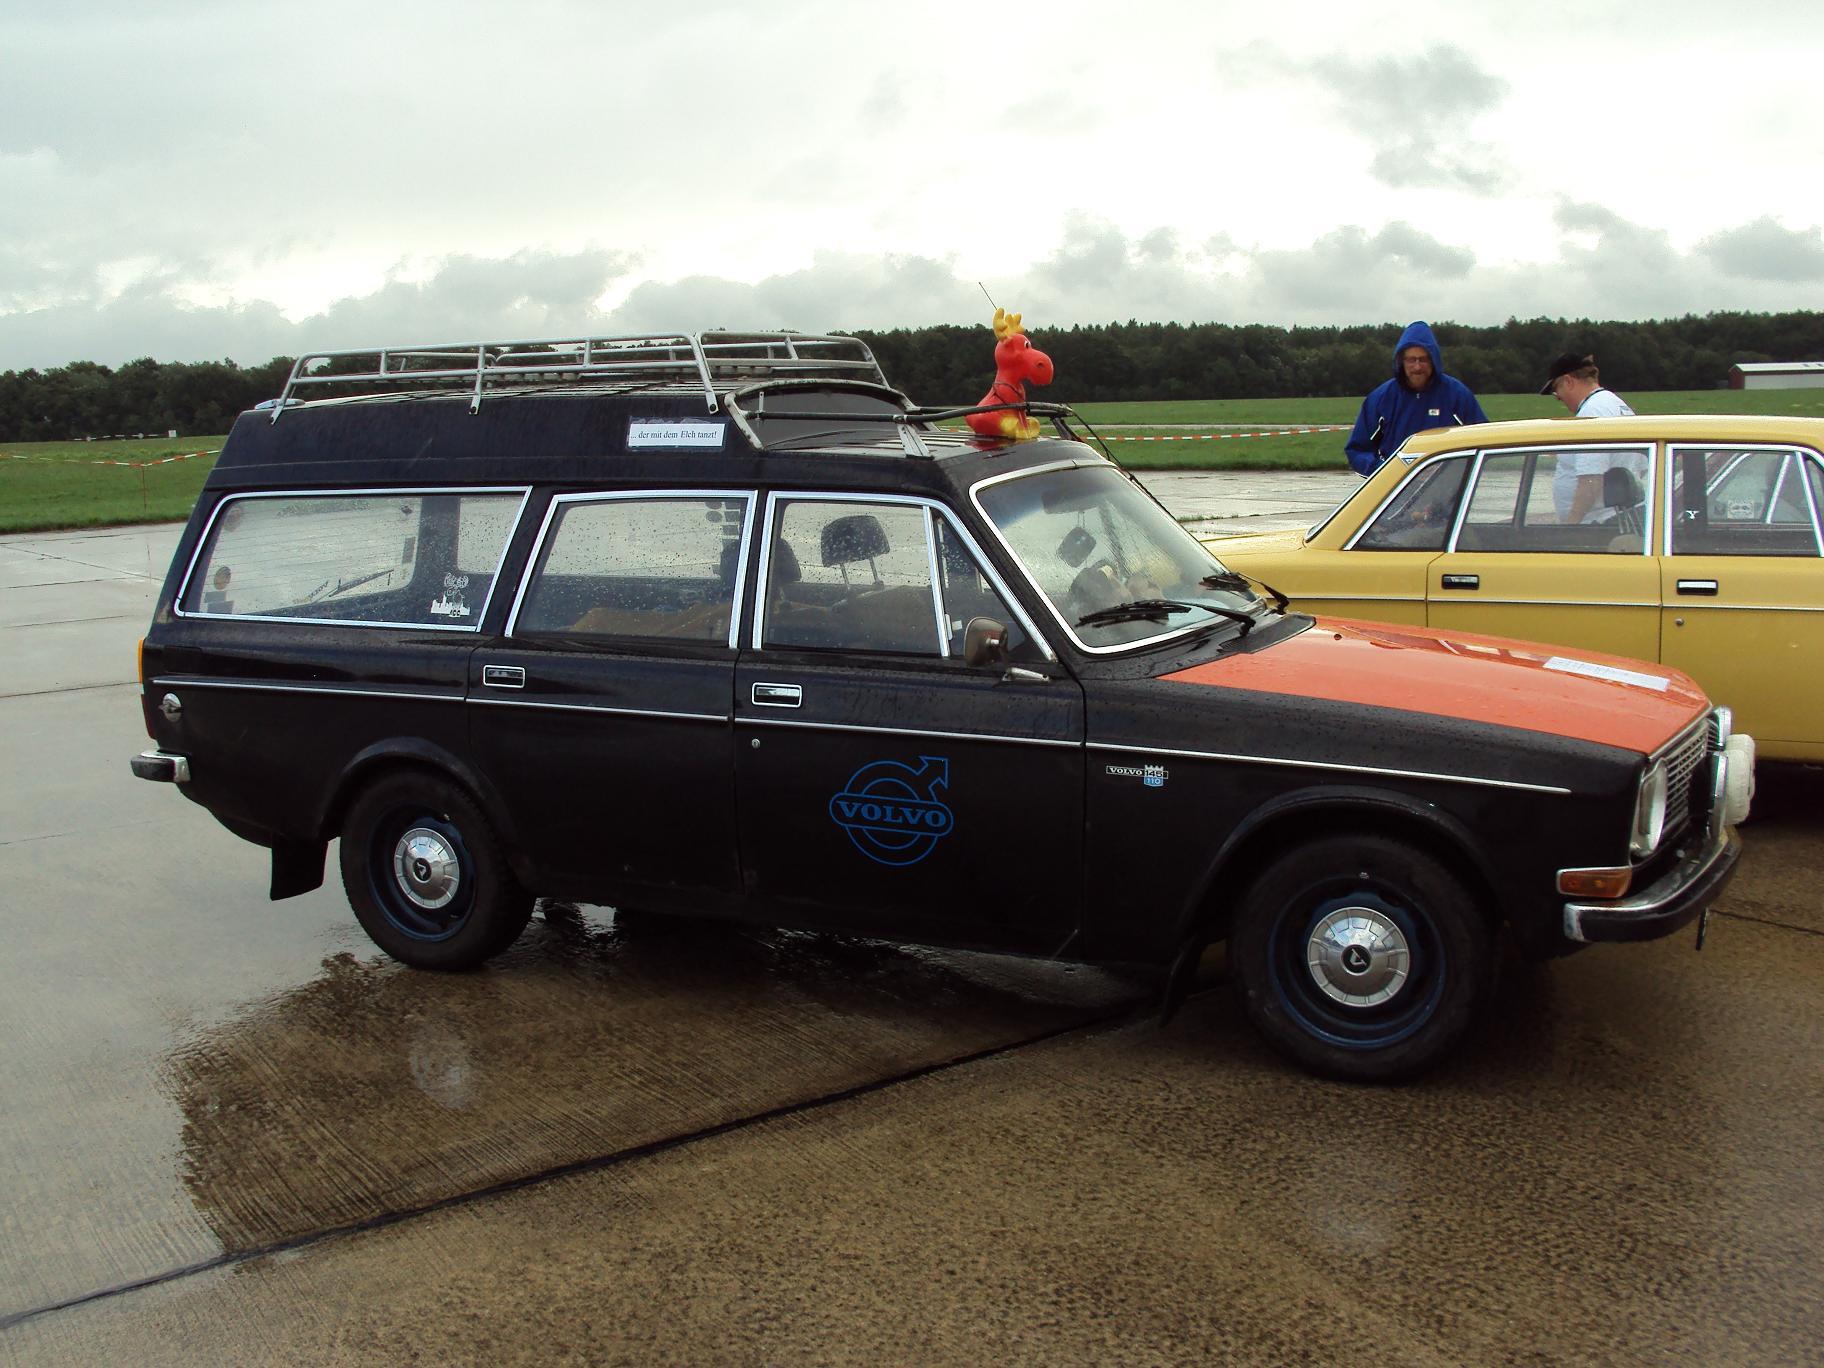 Volvo_145_Express_%284951558977%29.jpg